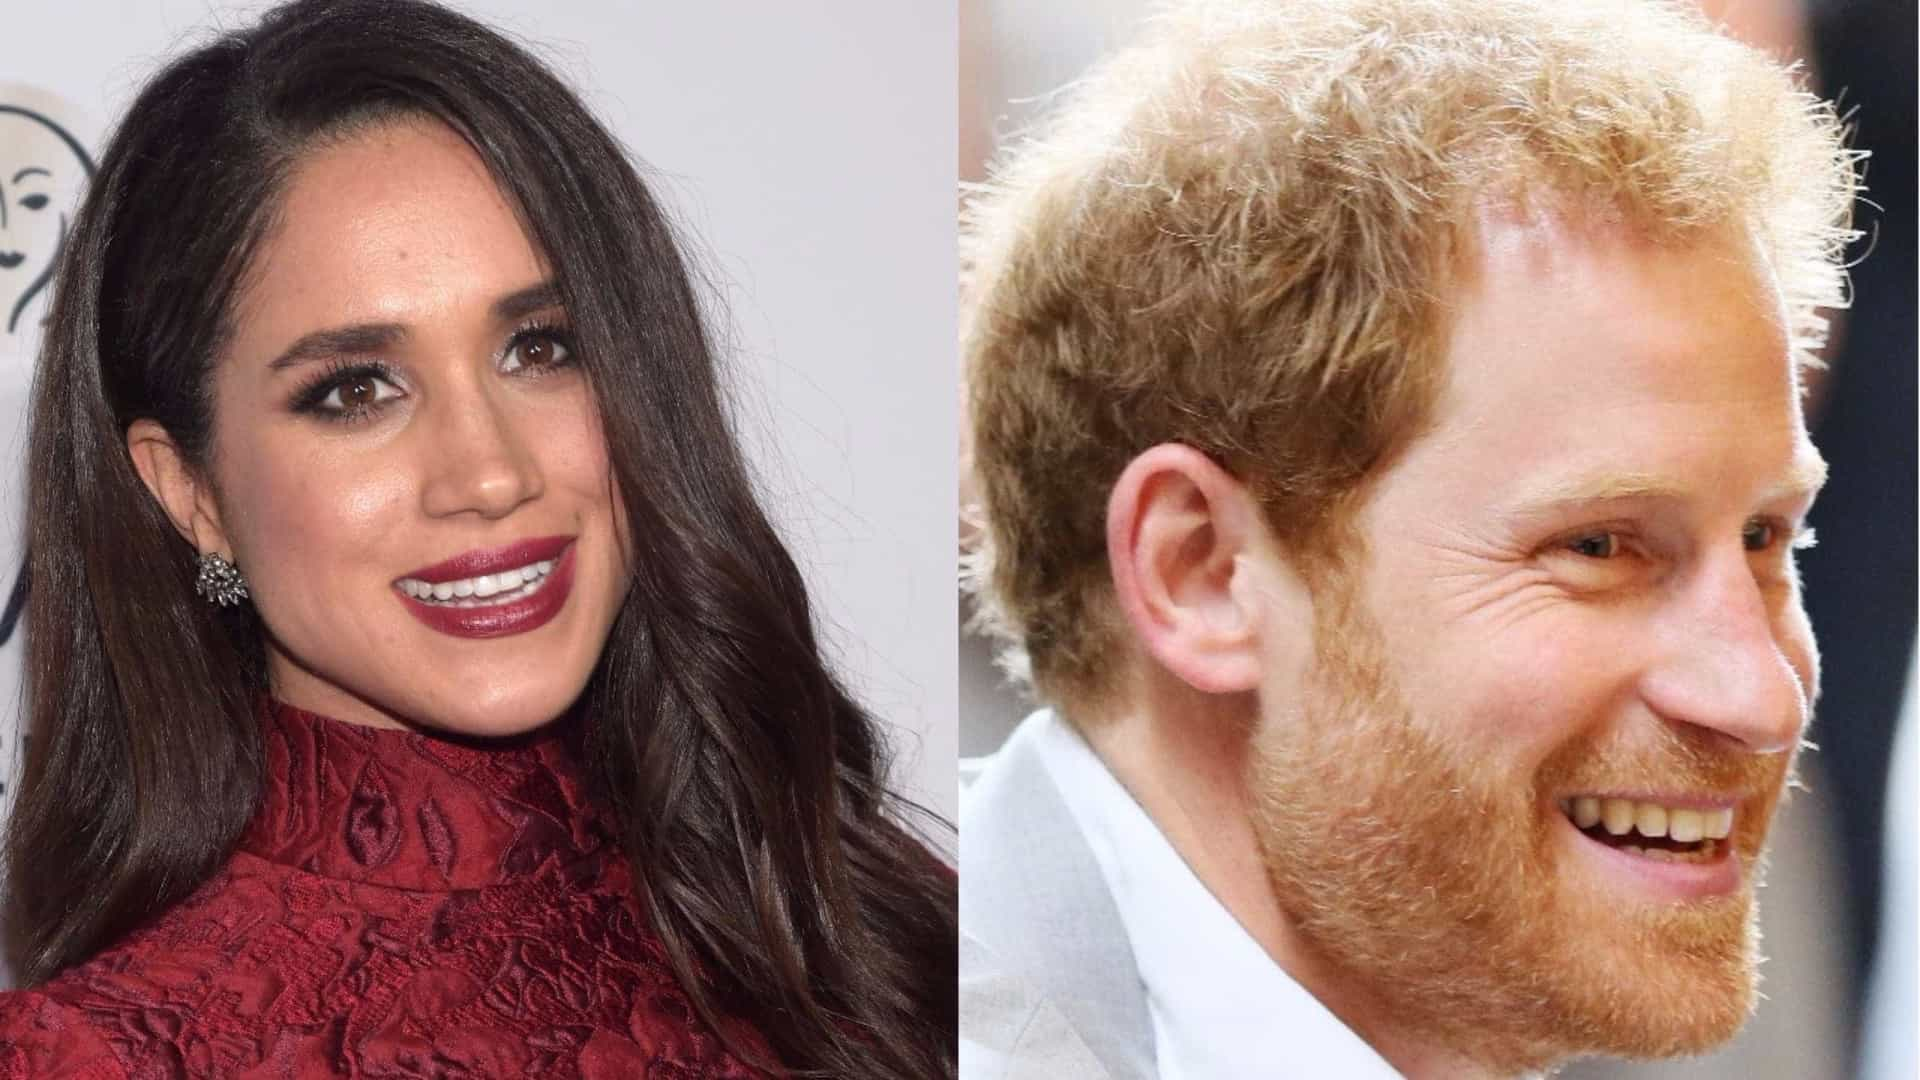 Príncipe Harry é roubado por uma menininha, a reação é surpreendente